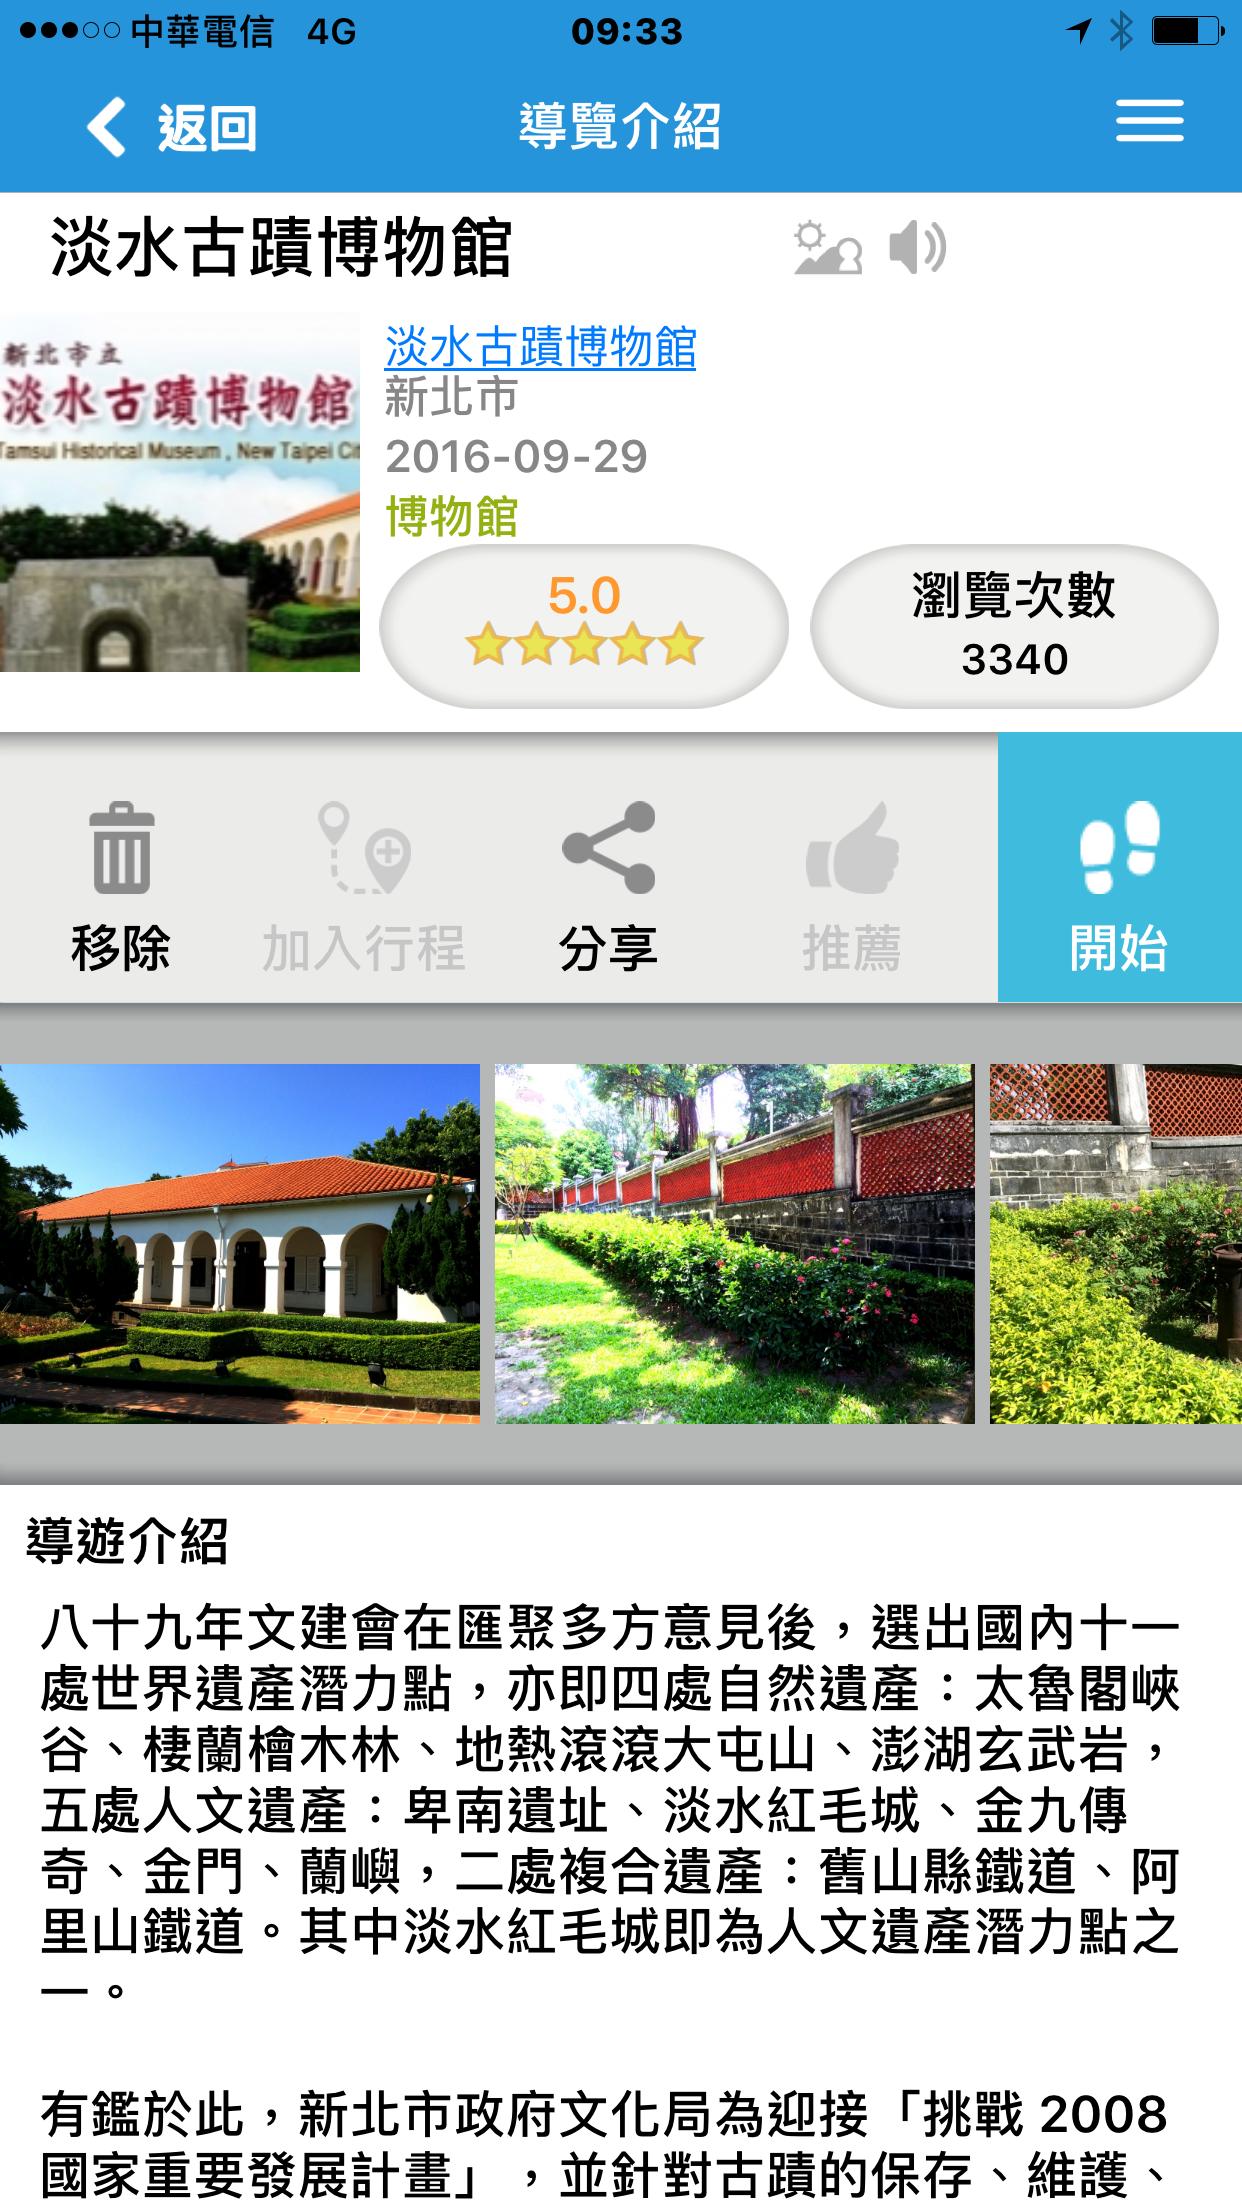 新版App 截圖_淡水古蹟博物館中文導覽